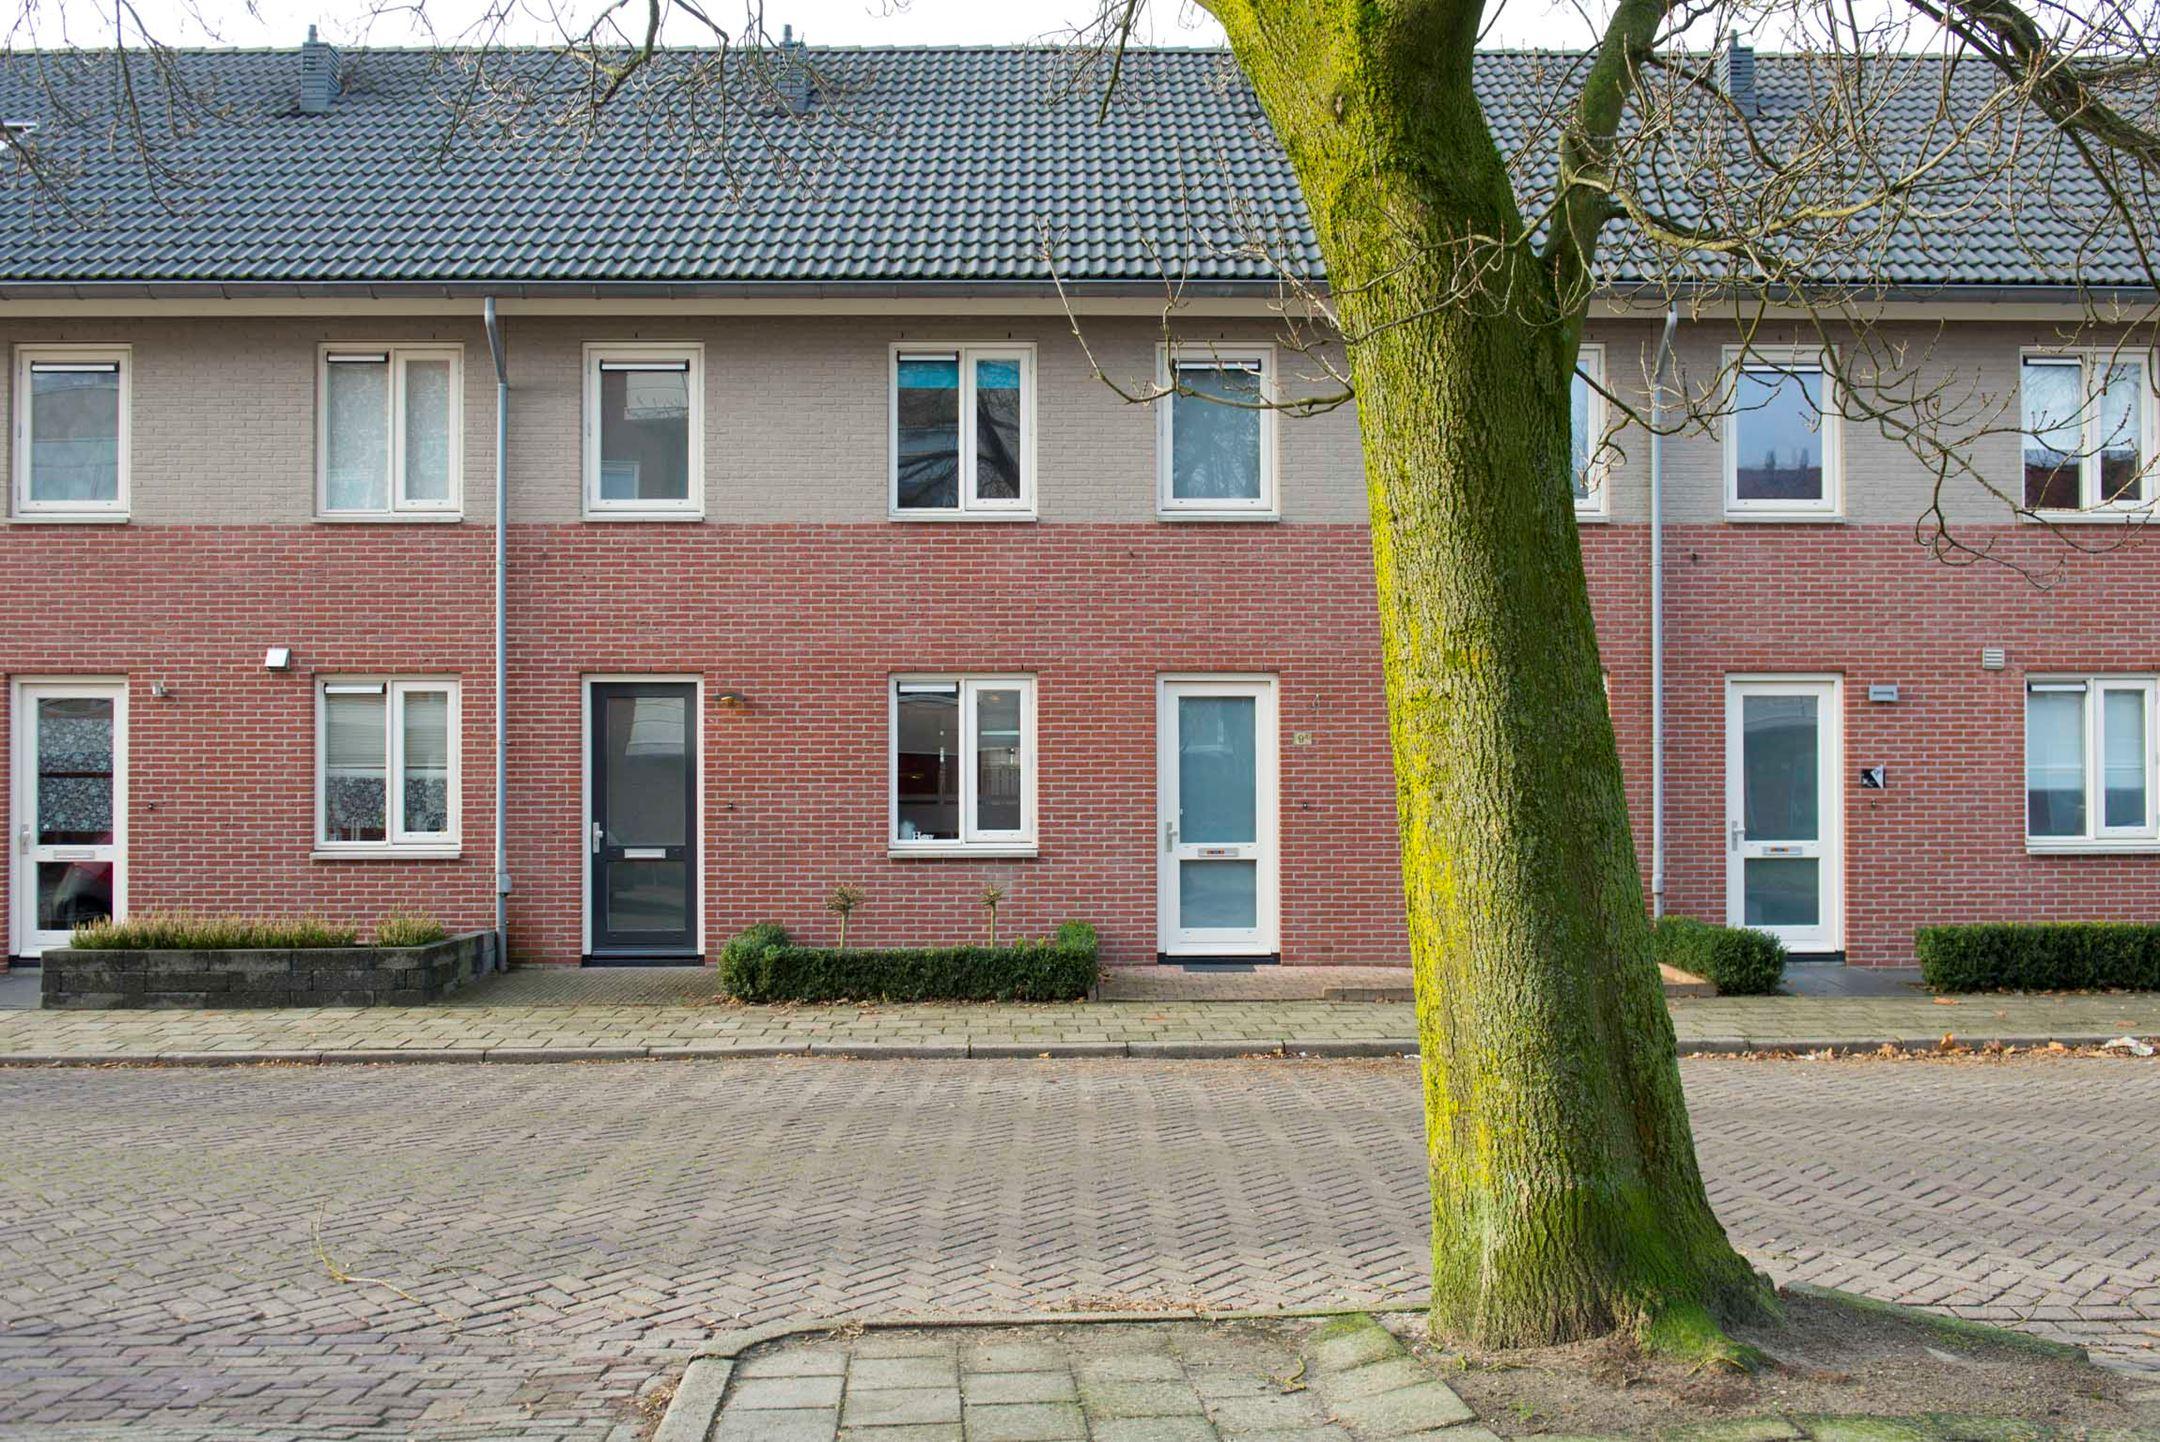 Huis te koop jacob van ruysdaelstraat 9 e 7606 vv almelo funda - Huis vv ...